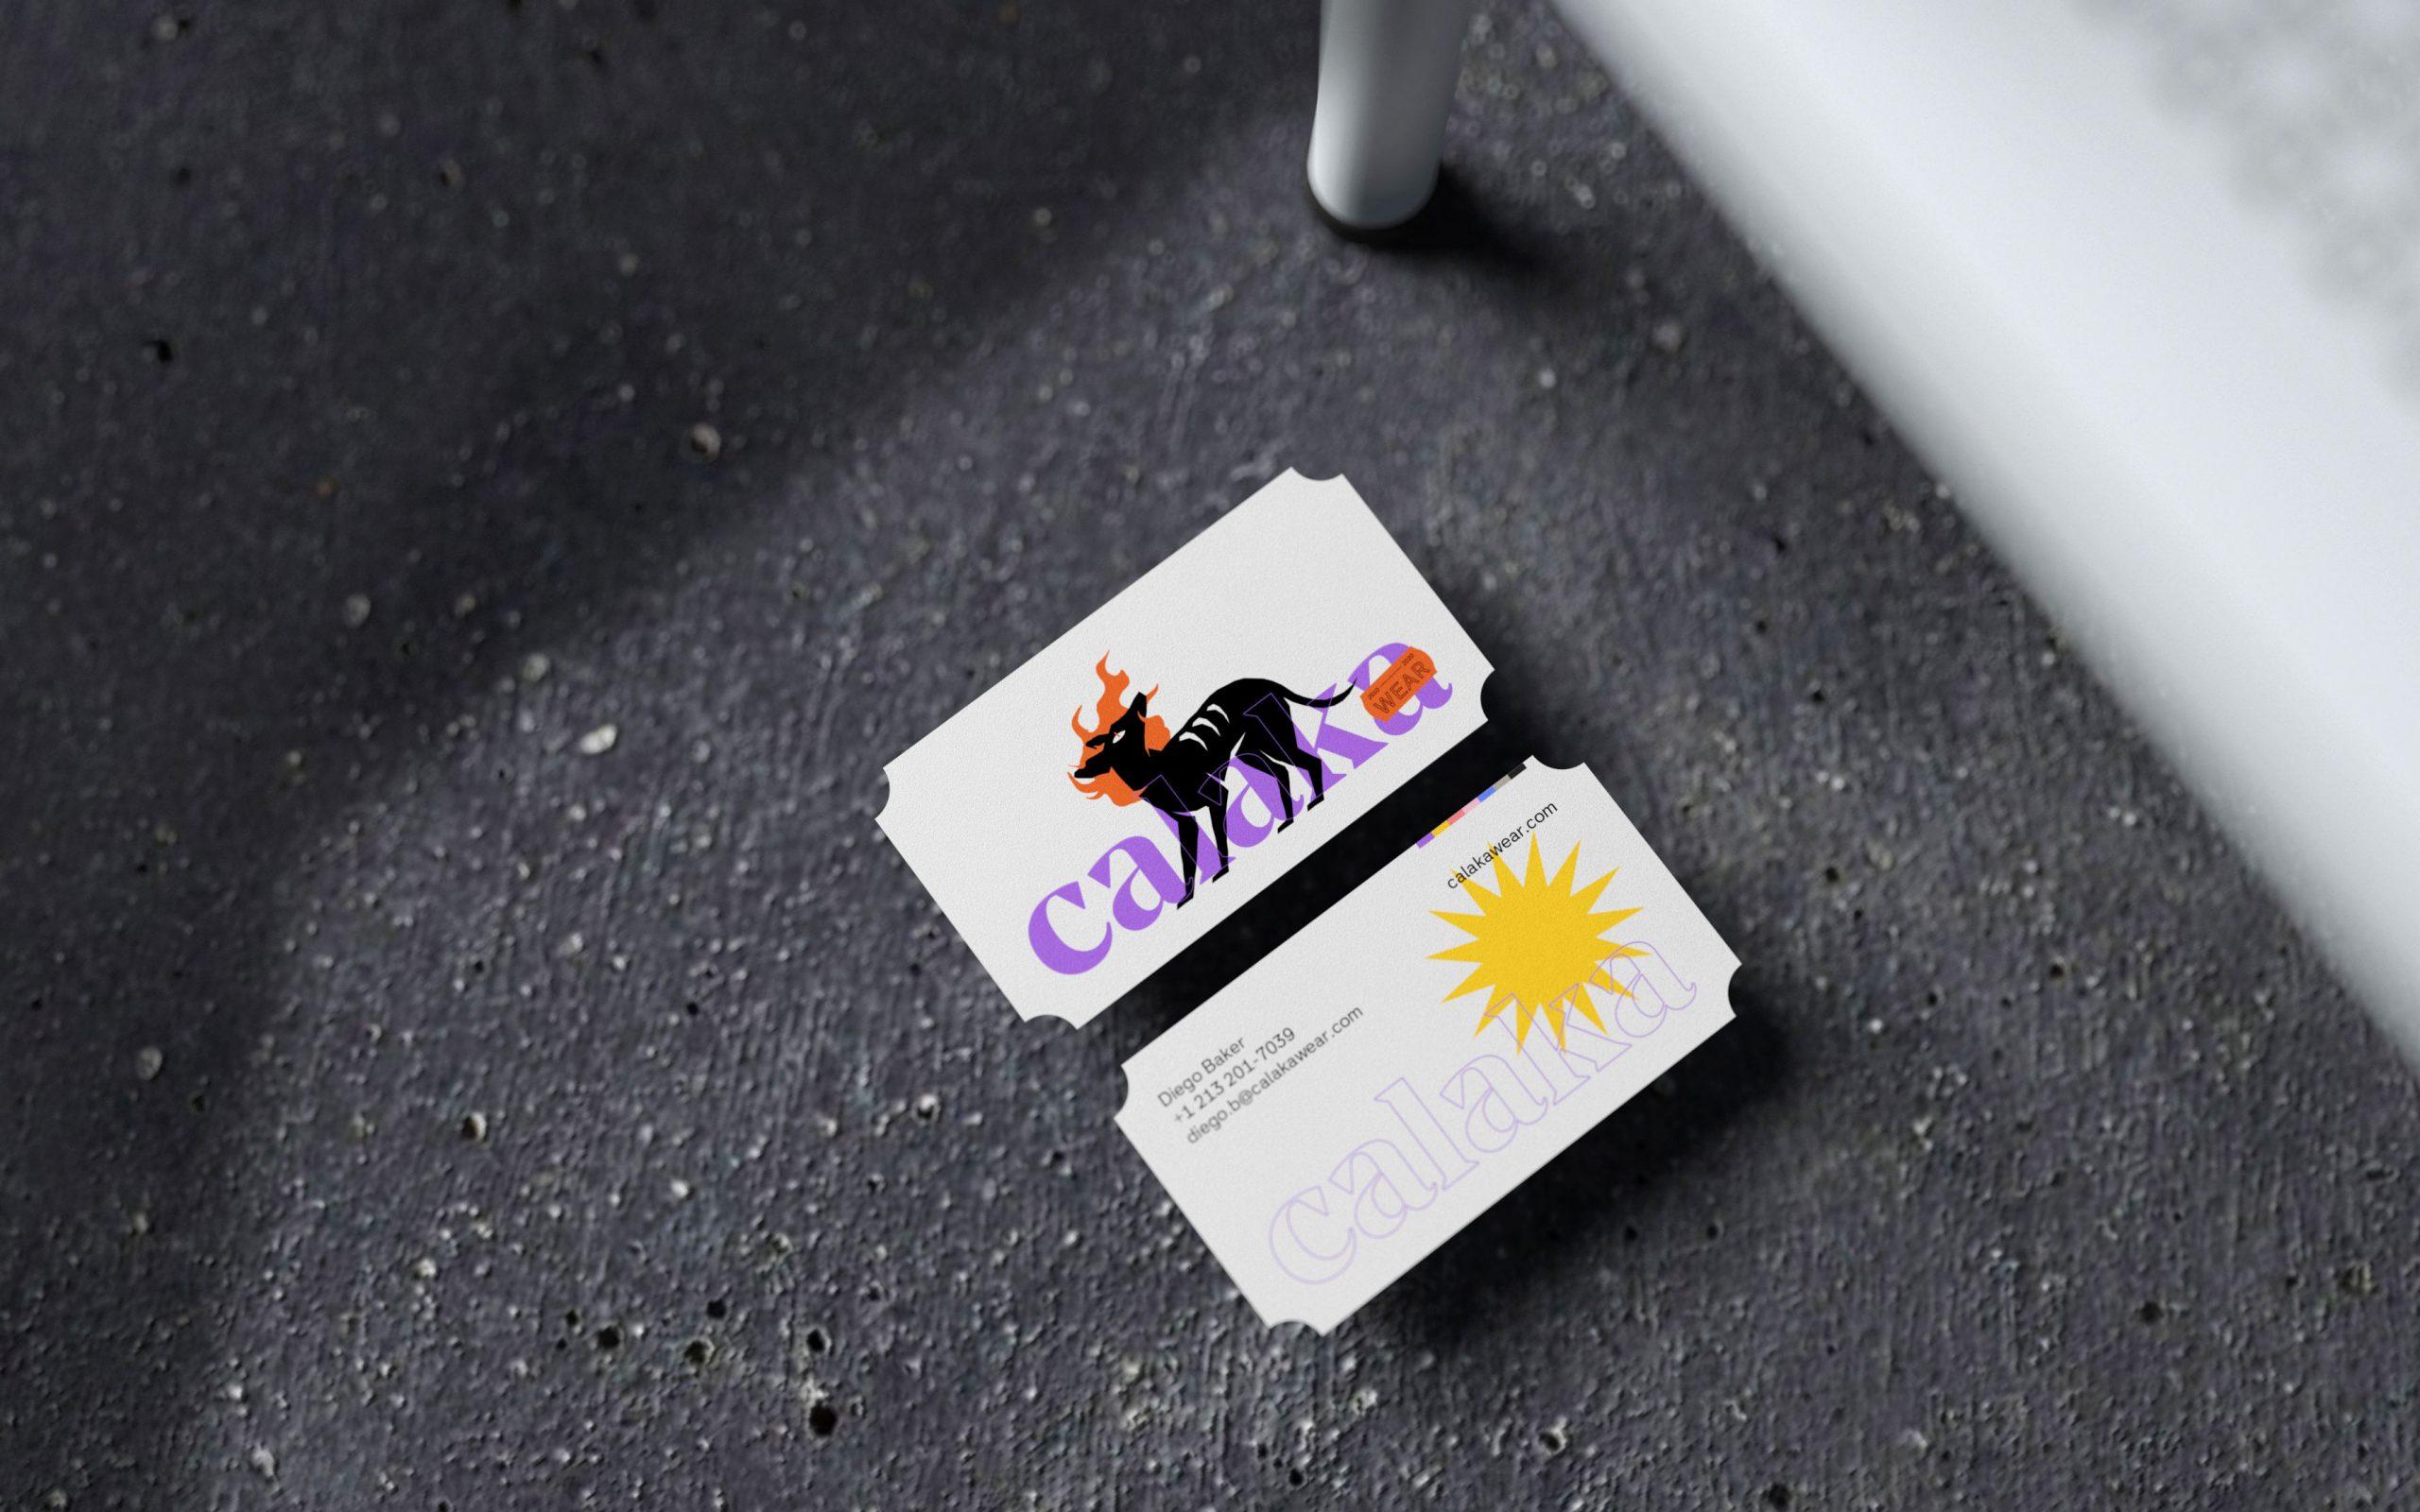 Calaka-Wear-01